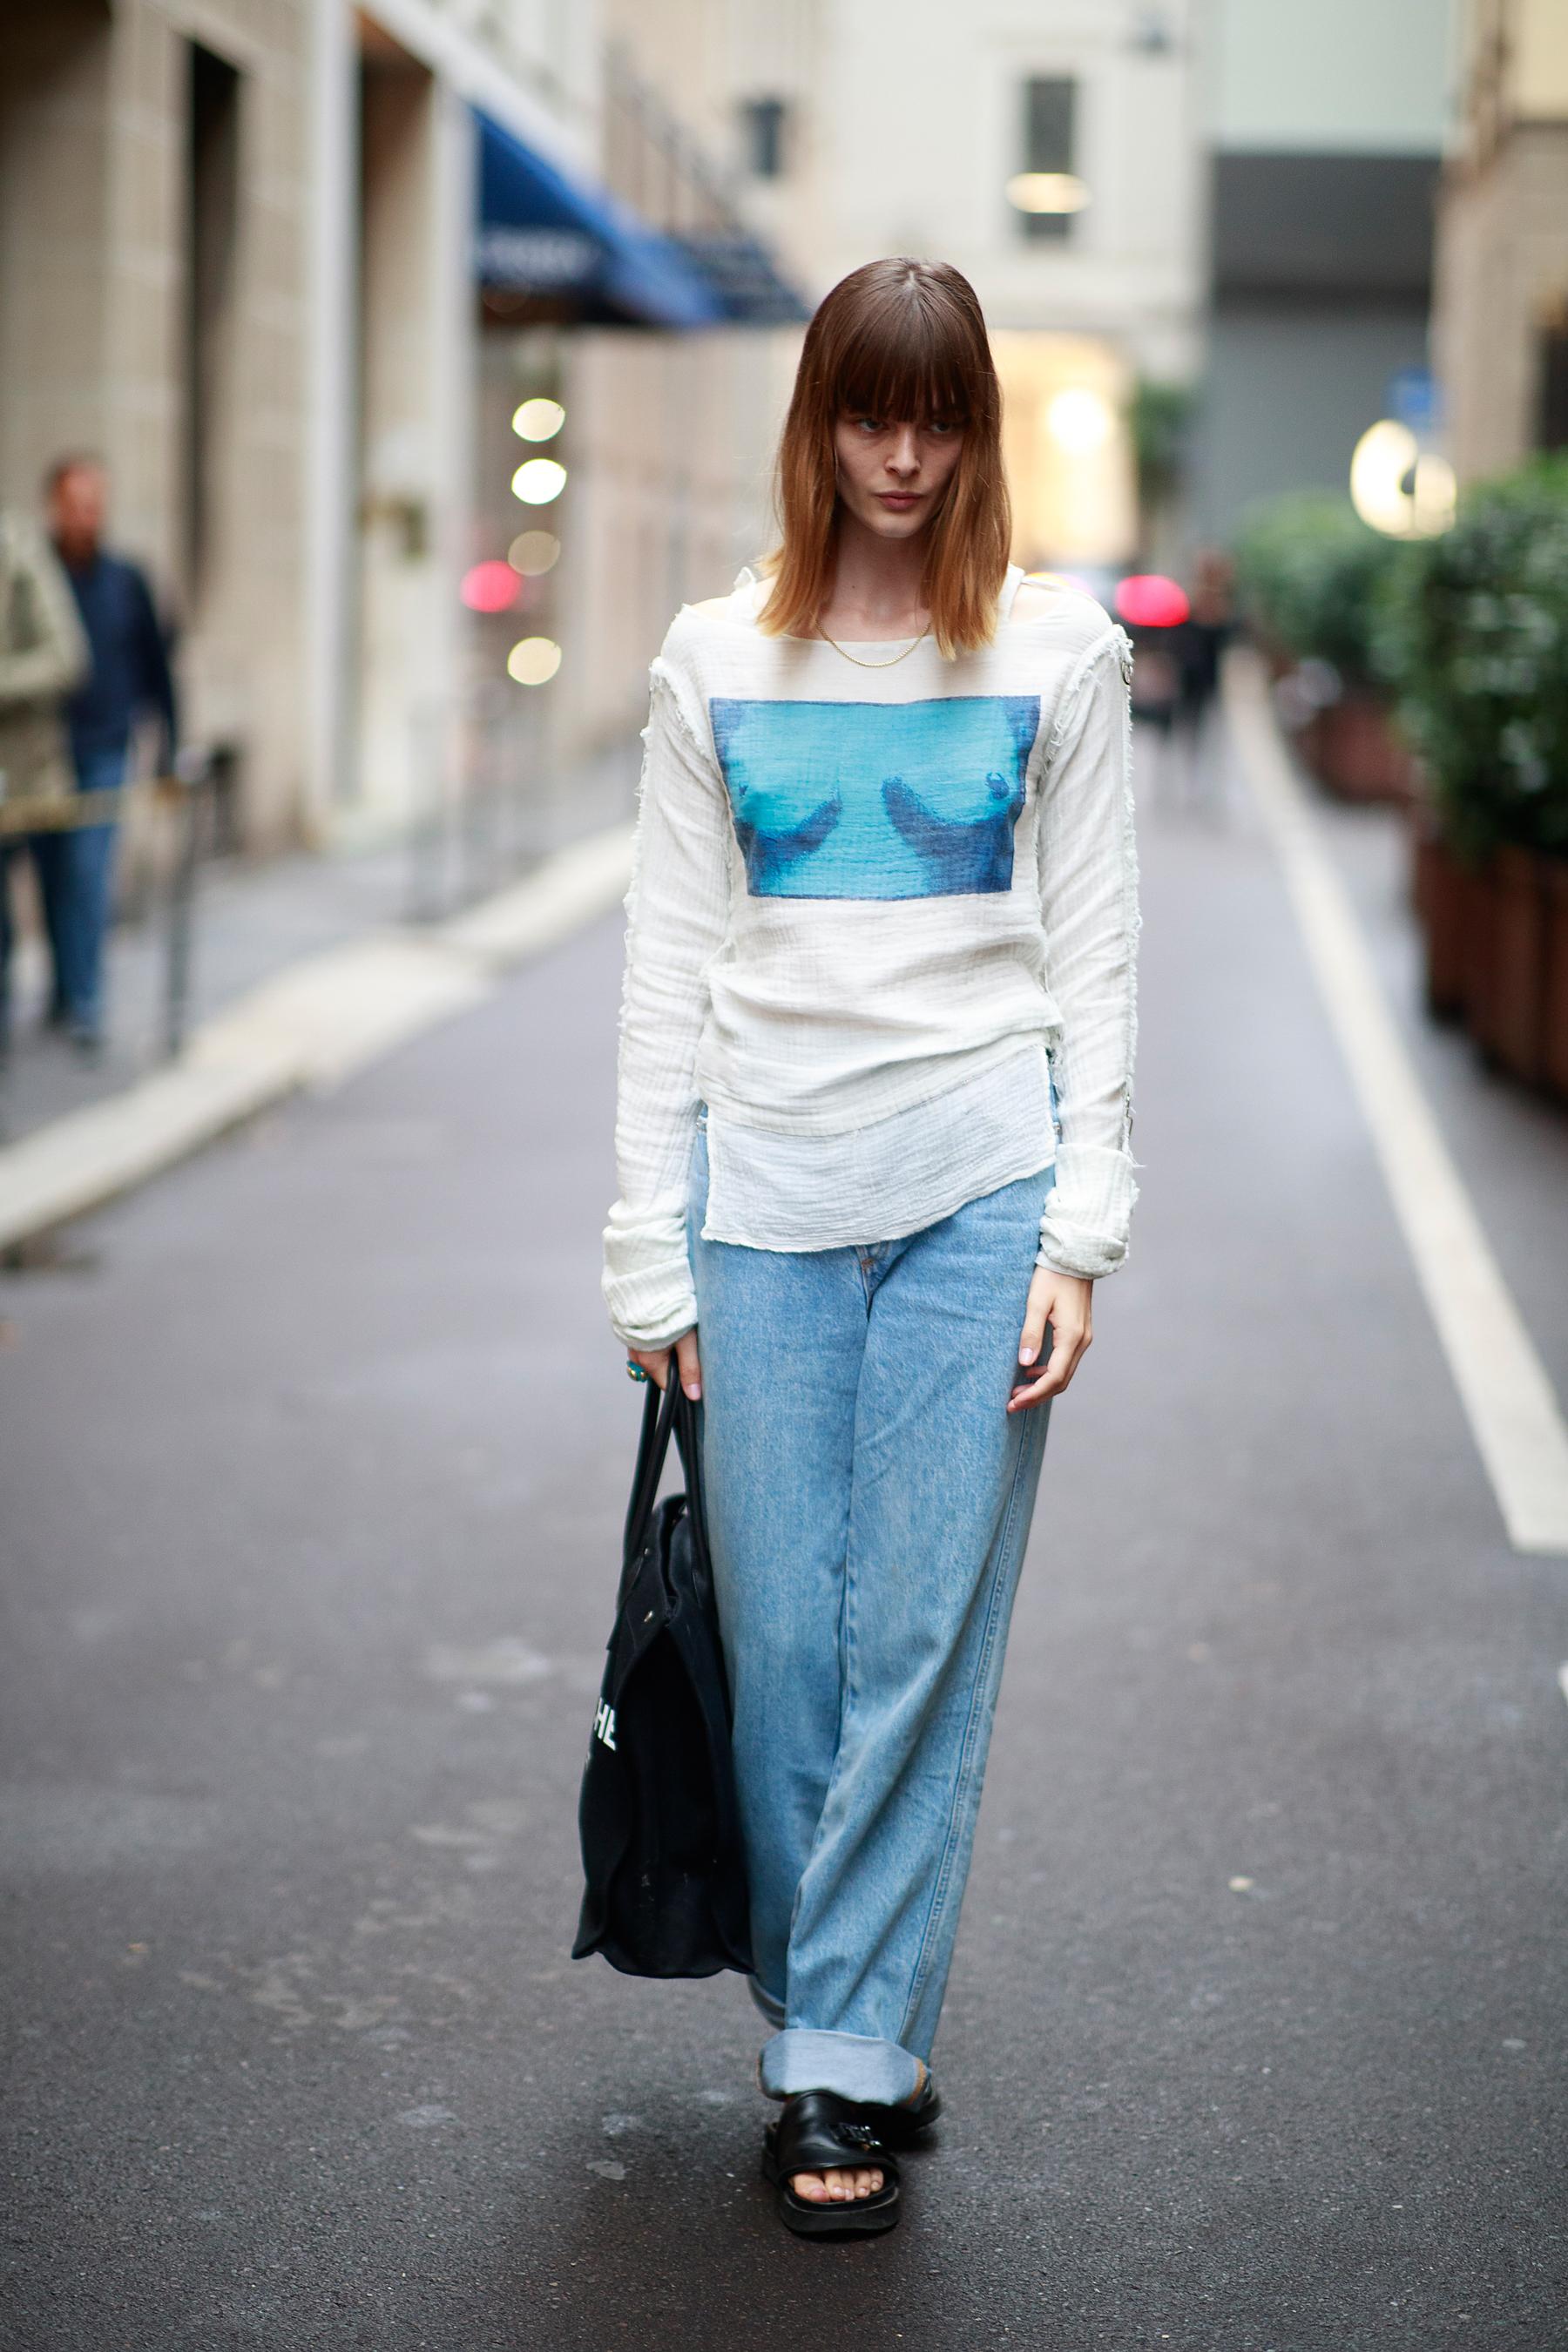 Milan Street Style Spring 2022 Day 5